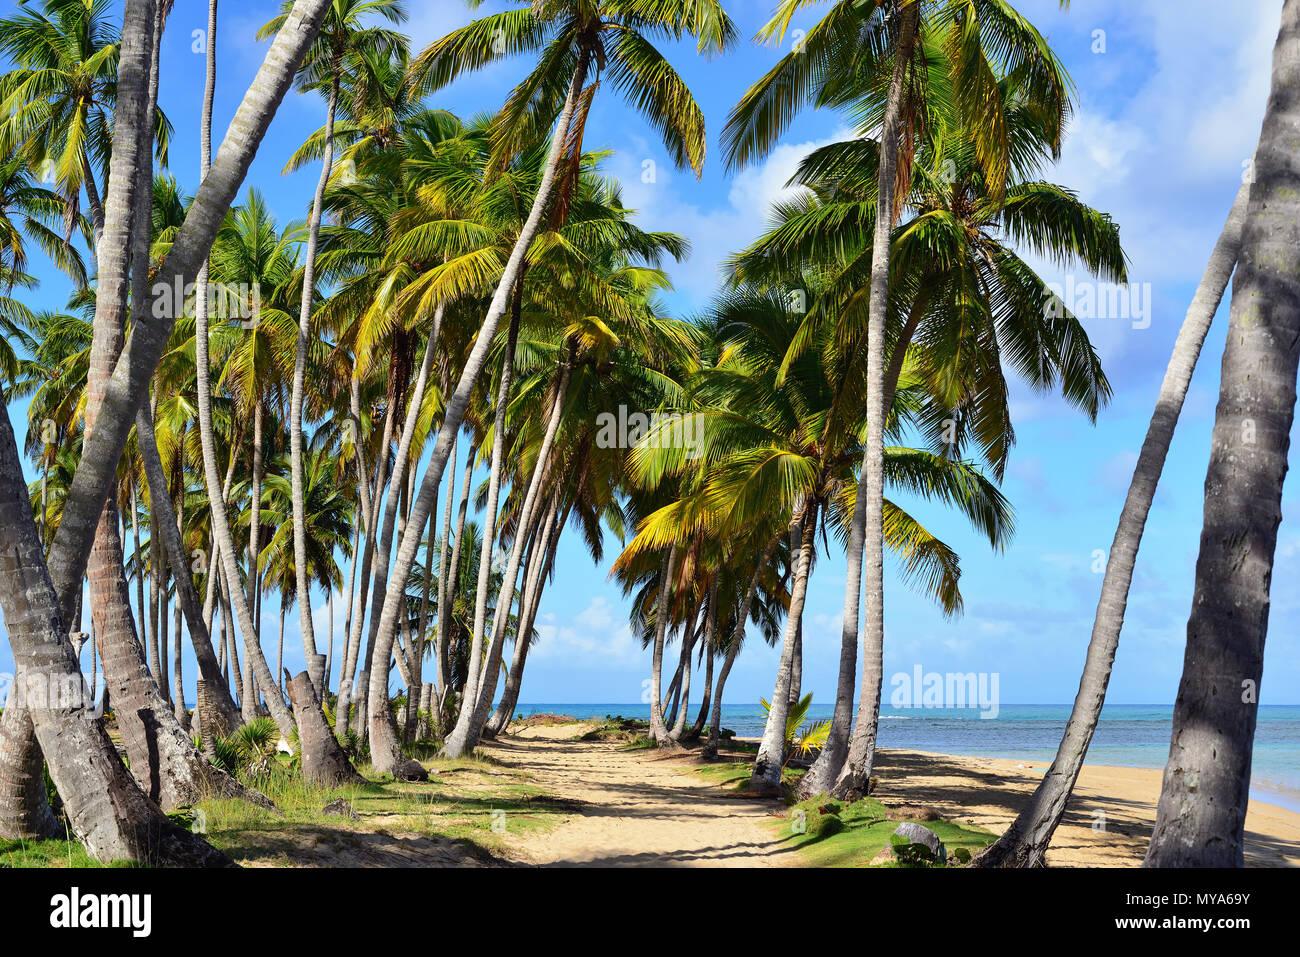 Playa bonita playa en la península de Samaná en República Dominicana, cerca de la ciudad de Las Terrenas Imagen De Stock